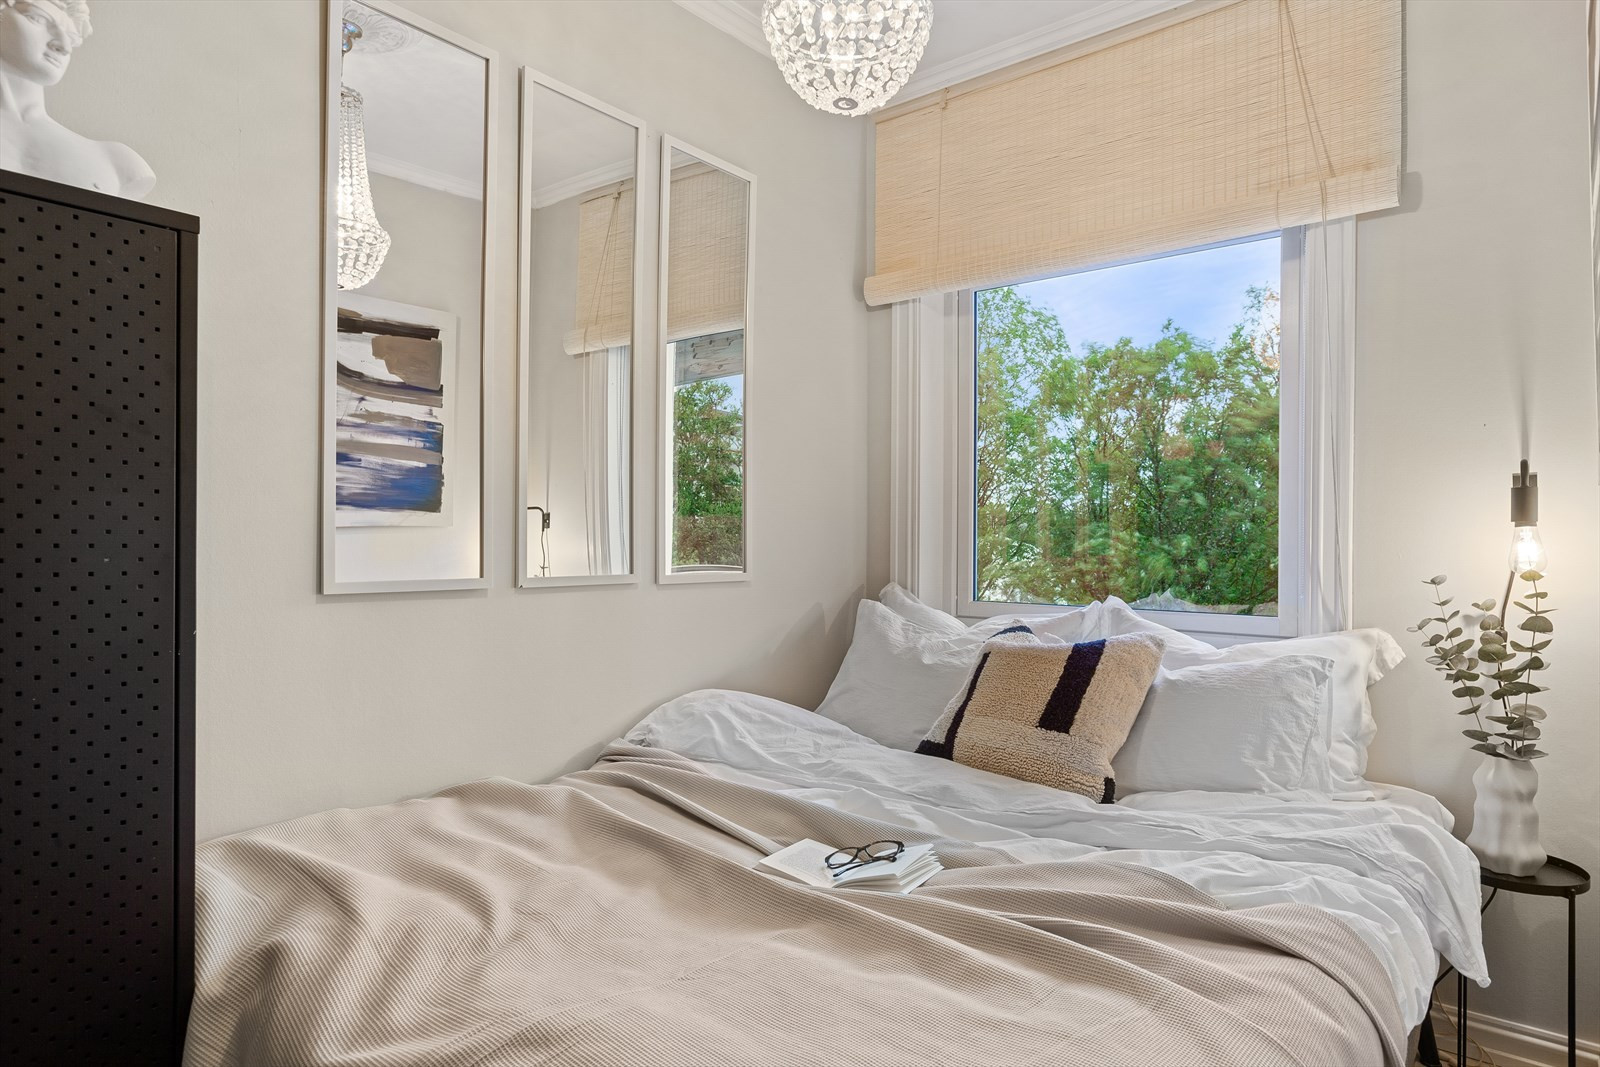 Soverommet har plass til dobbeltseng (1,5m) og vender ut mot stille og rolige omgivelser.